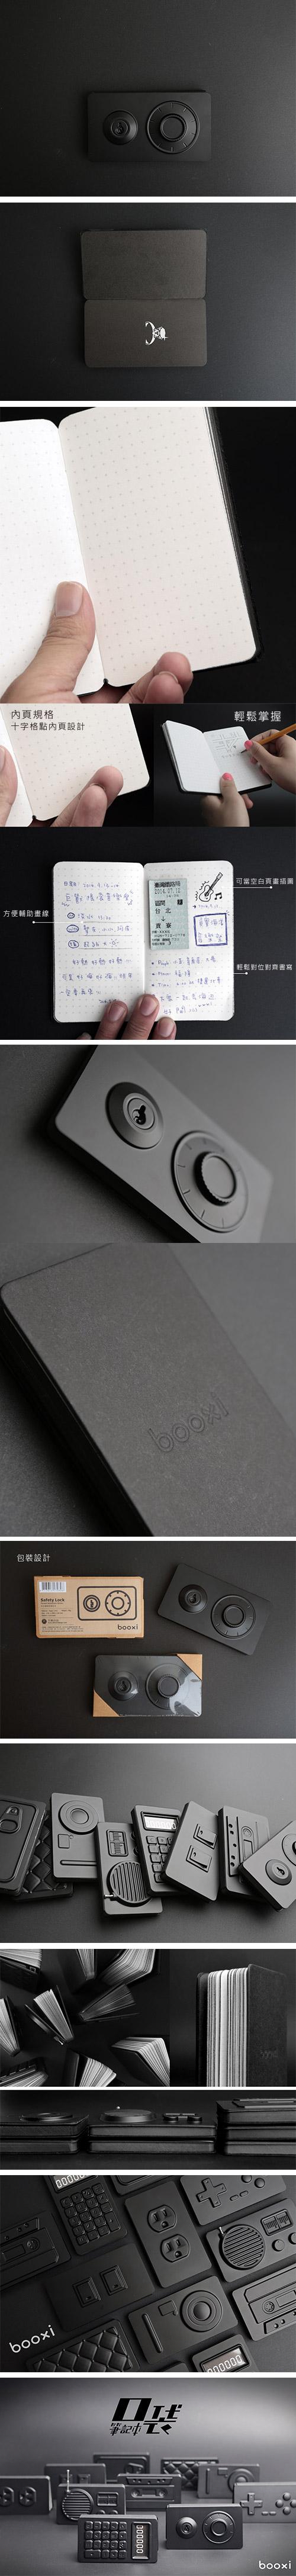 天晴設計 插座造型筆記本 Socket Notebook